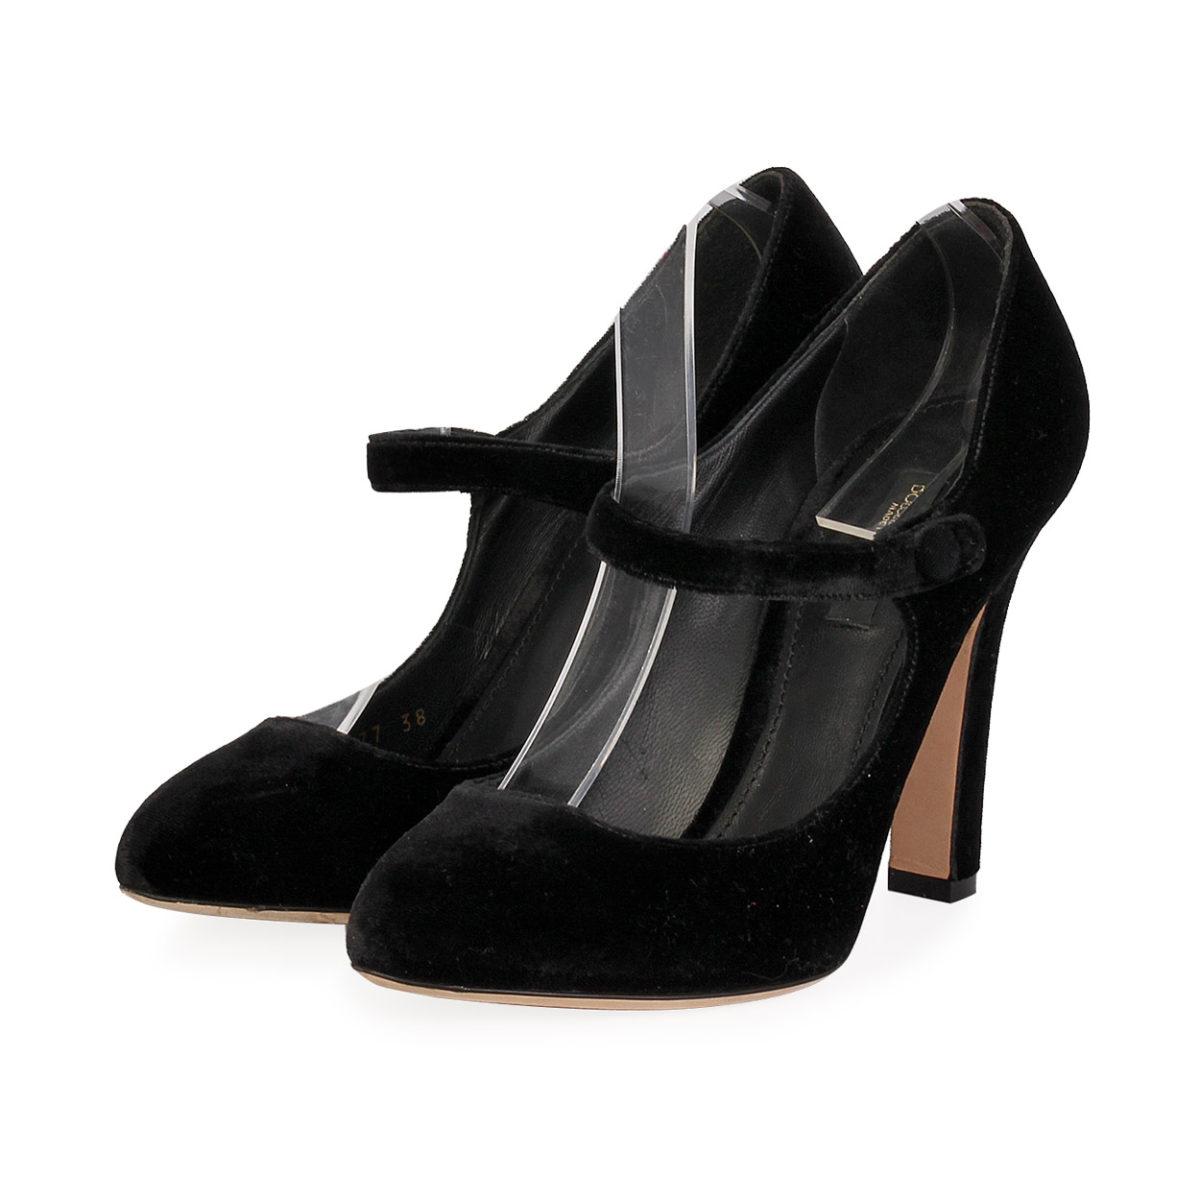 bb3af4f4f8 DOLCE & GABBANA Velvet Pumps Black - S: 38 (5)   Luxity